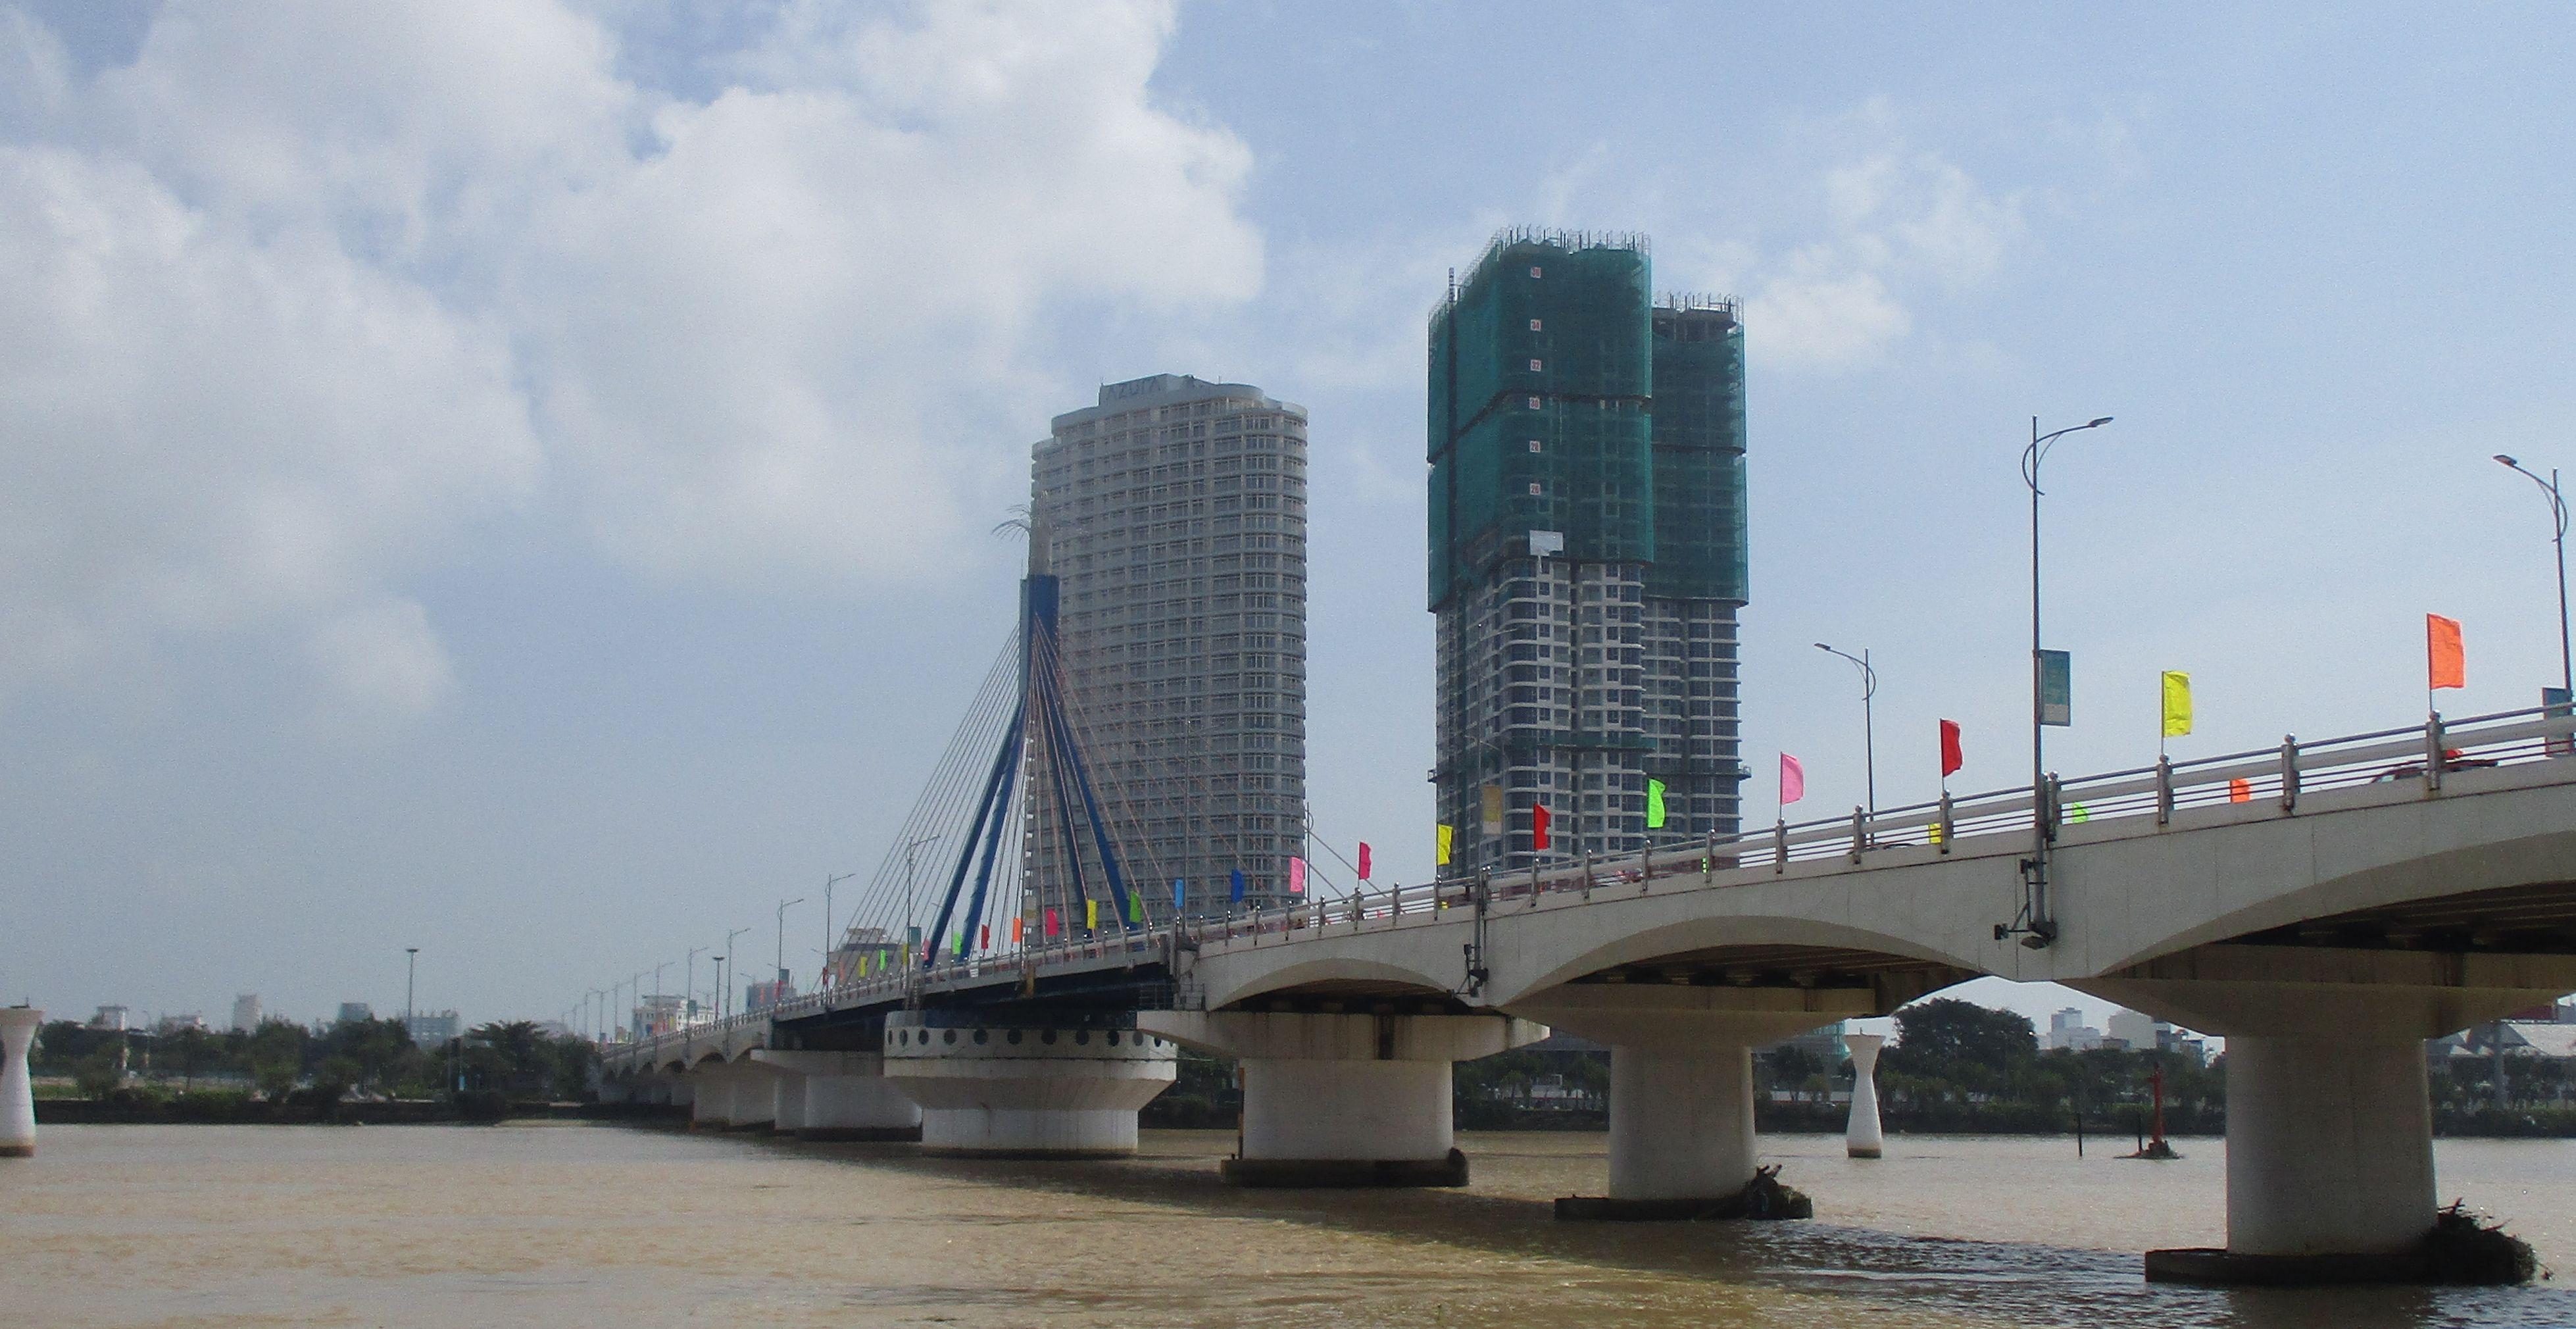 Мостът с въртящата се конструкция–тя е на централната носеща колона, която е кръгла. Денем обаче дизайнът на самия мост изглежда някак семпло. Снимка: Къдринка Къдринова